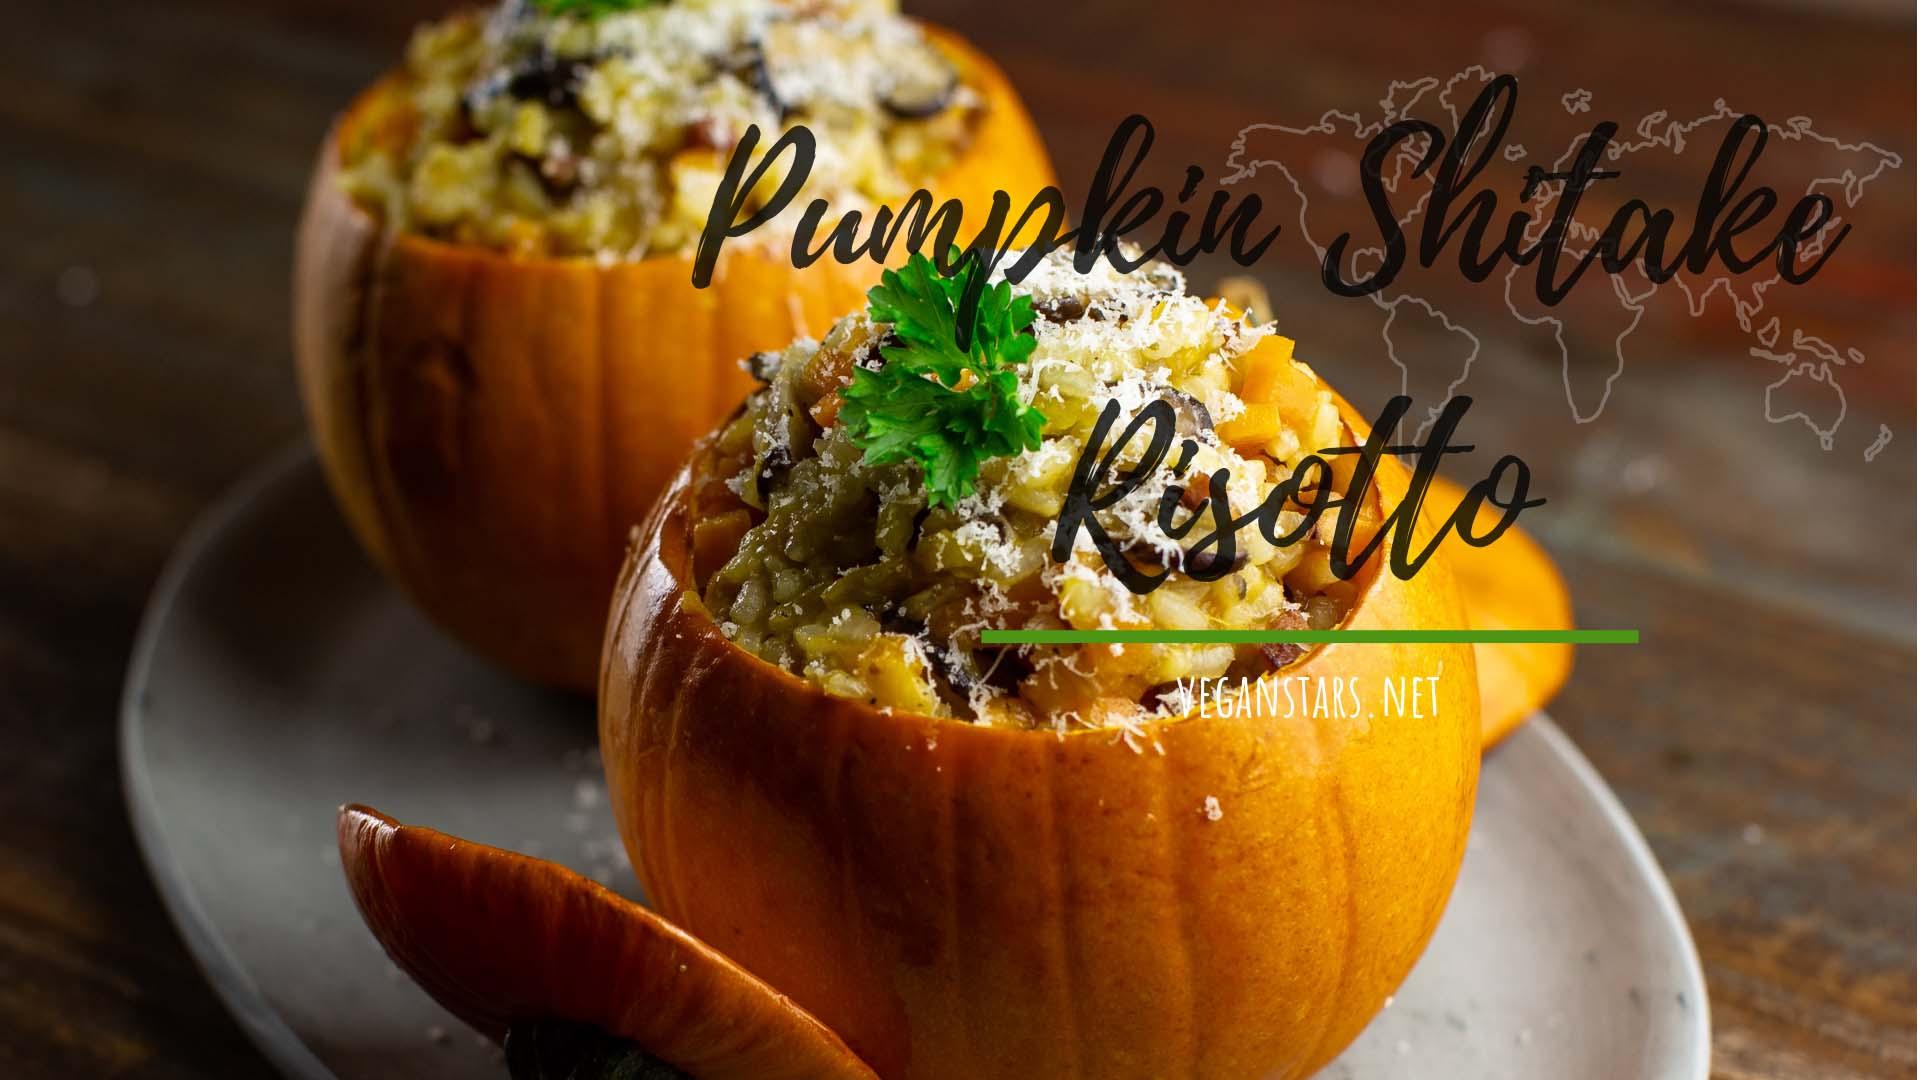 Pumpkin Shitake Risotto